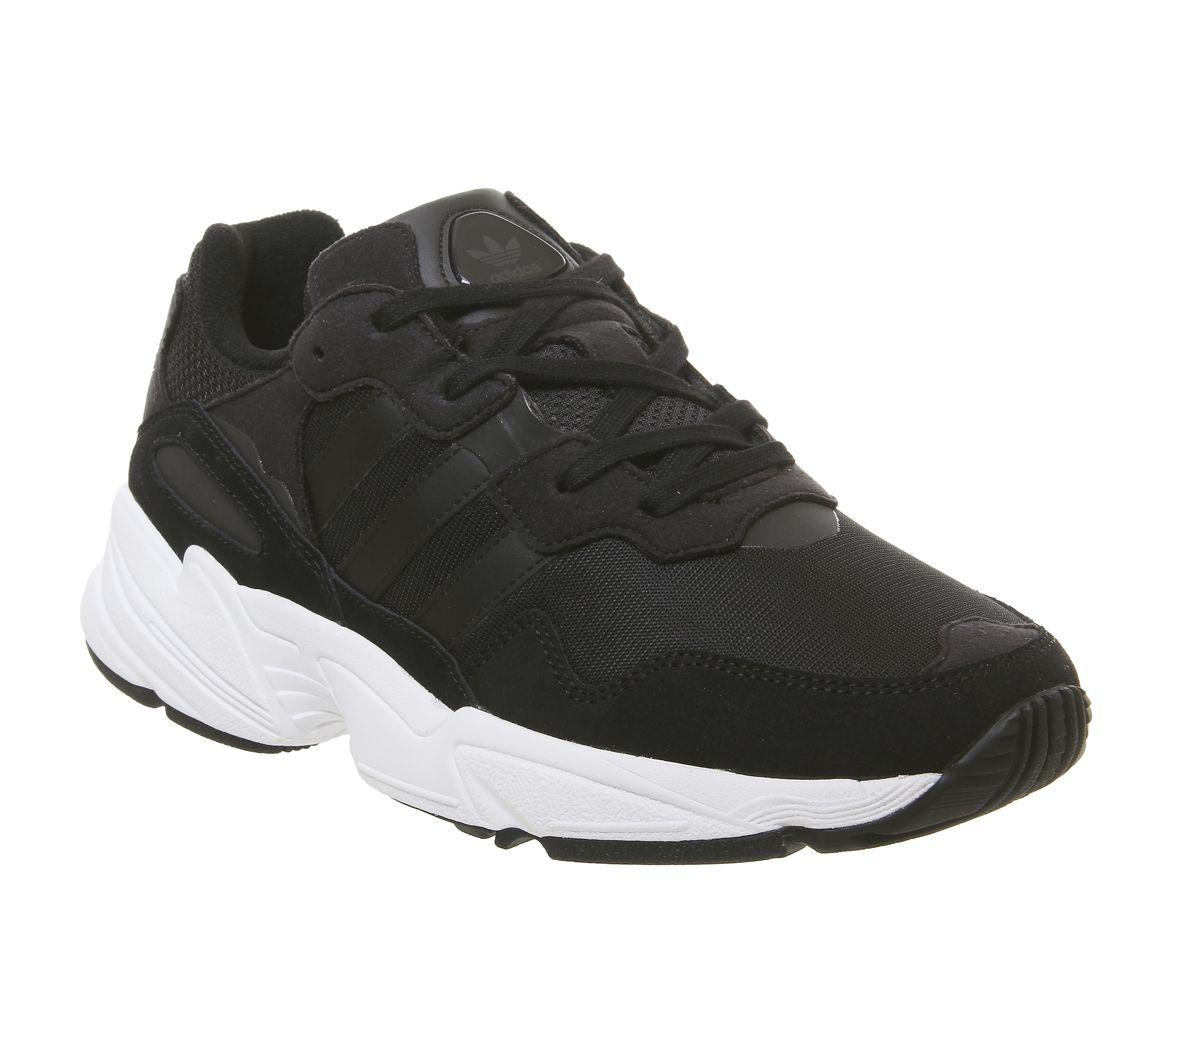 Adidas Yung 96 Kinderschuhe schwarz weiß